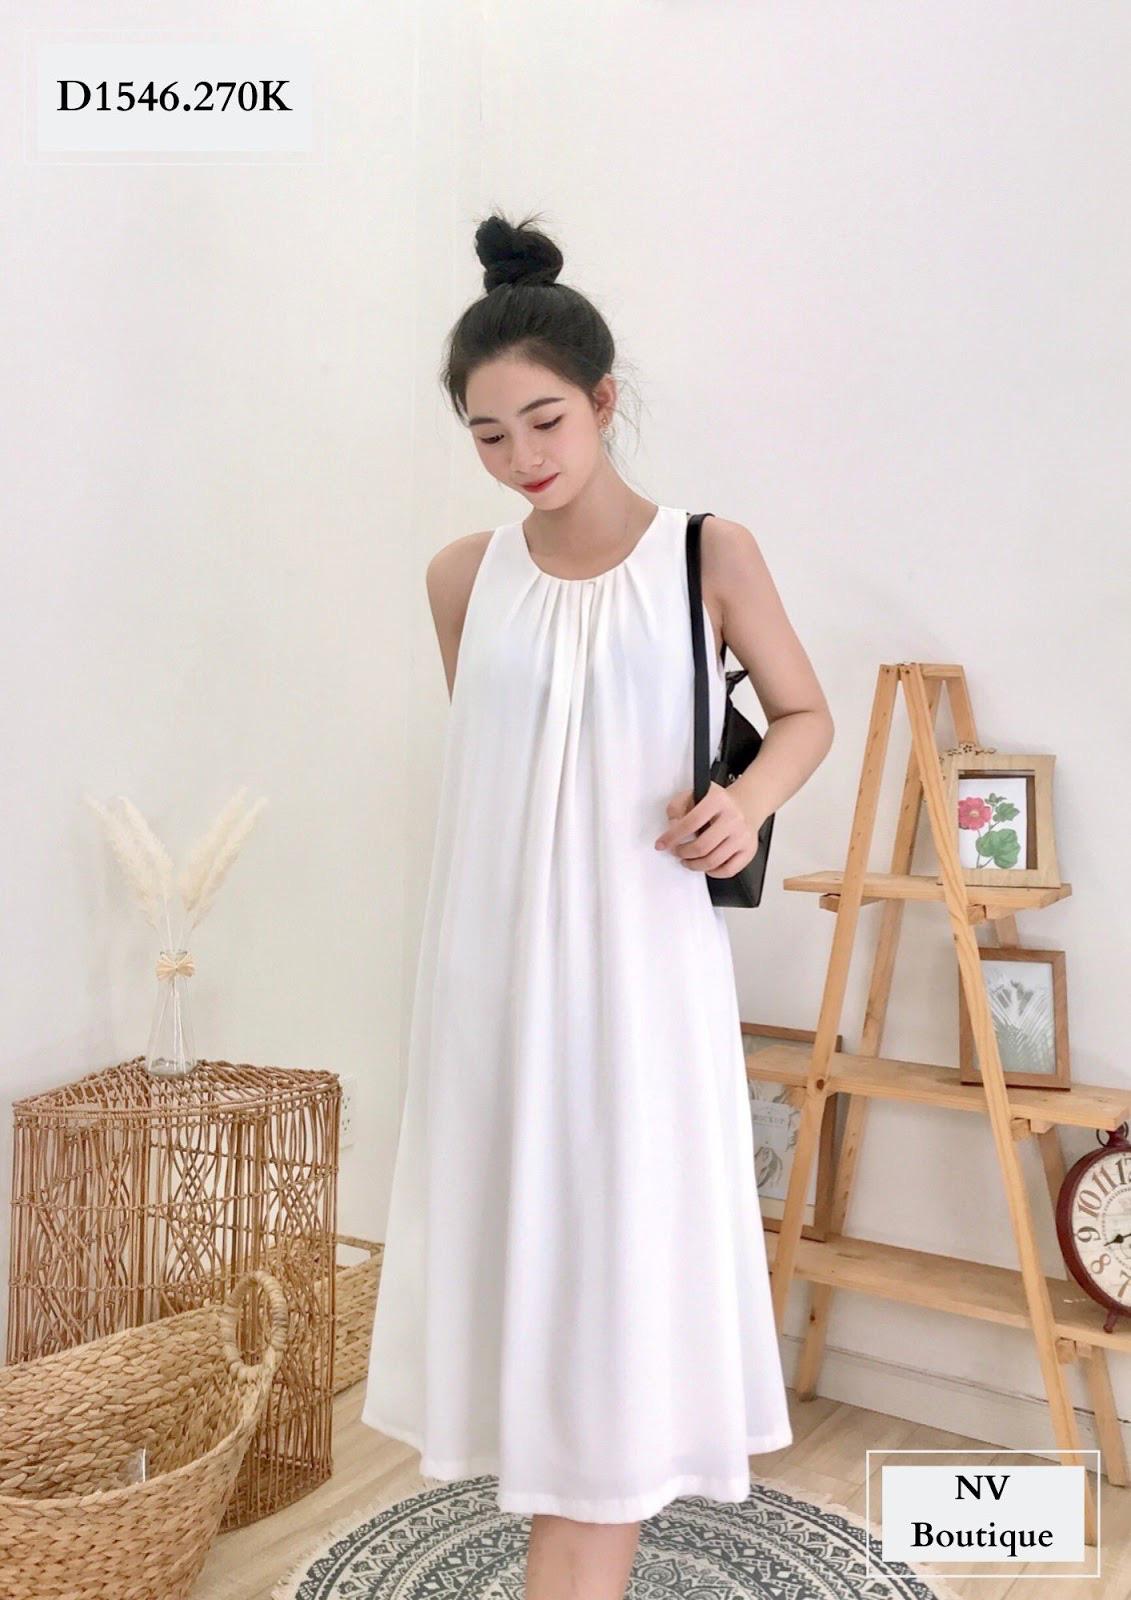 Sắm ngay váy áo ngọt ngào diện thu đông ở Nhật Vy Boutique - Ảnh 5.